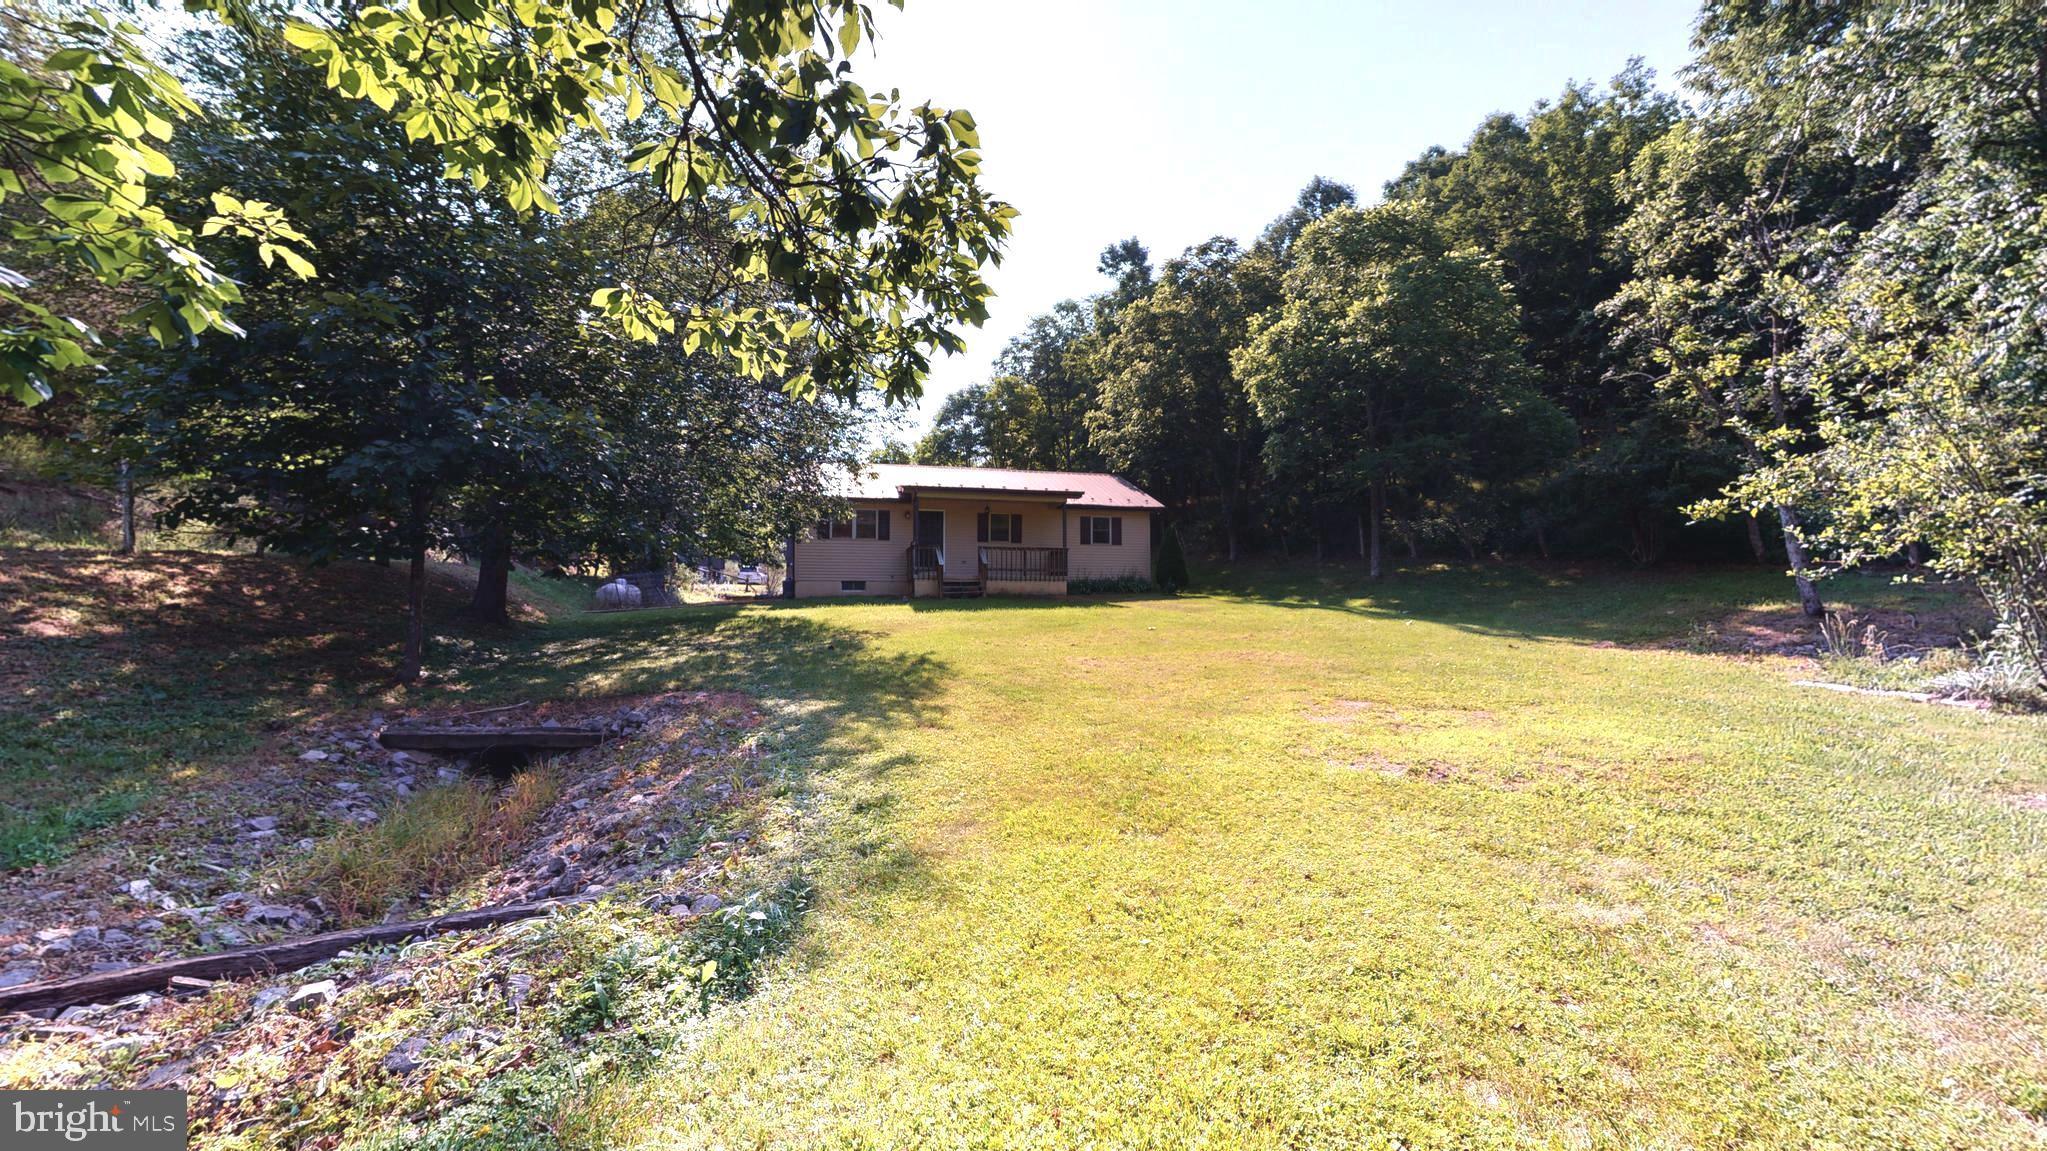 2396 Patterson Creek Road, Petersburg, WV 26847